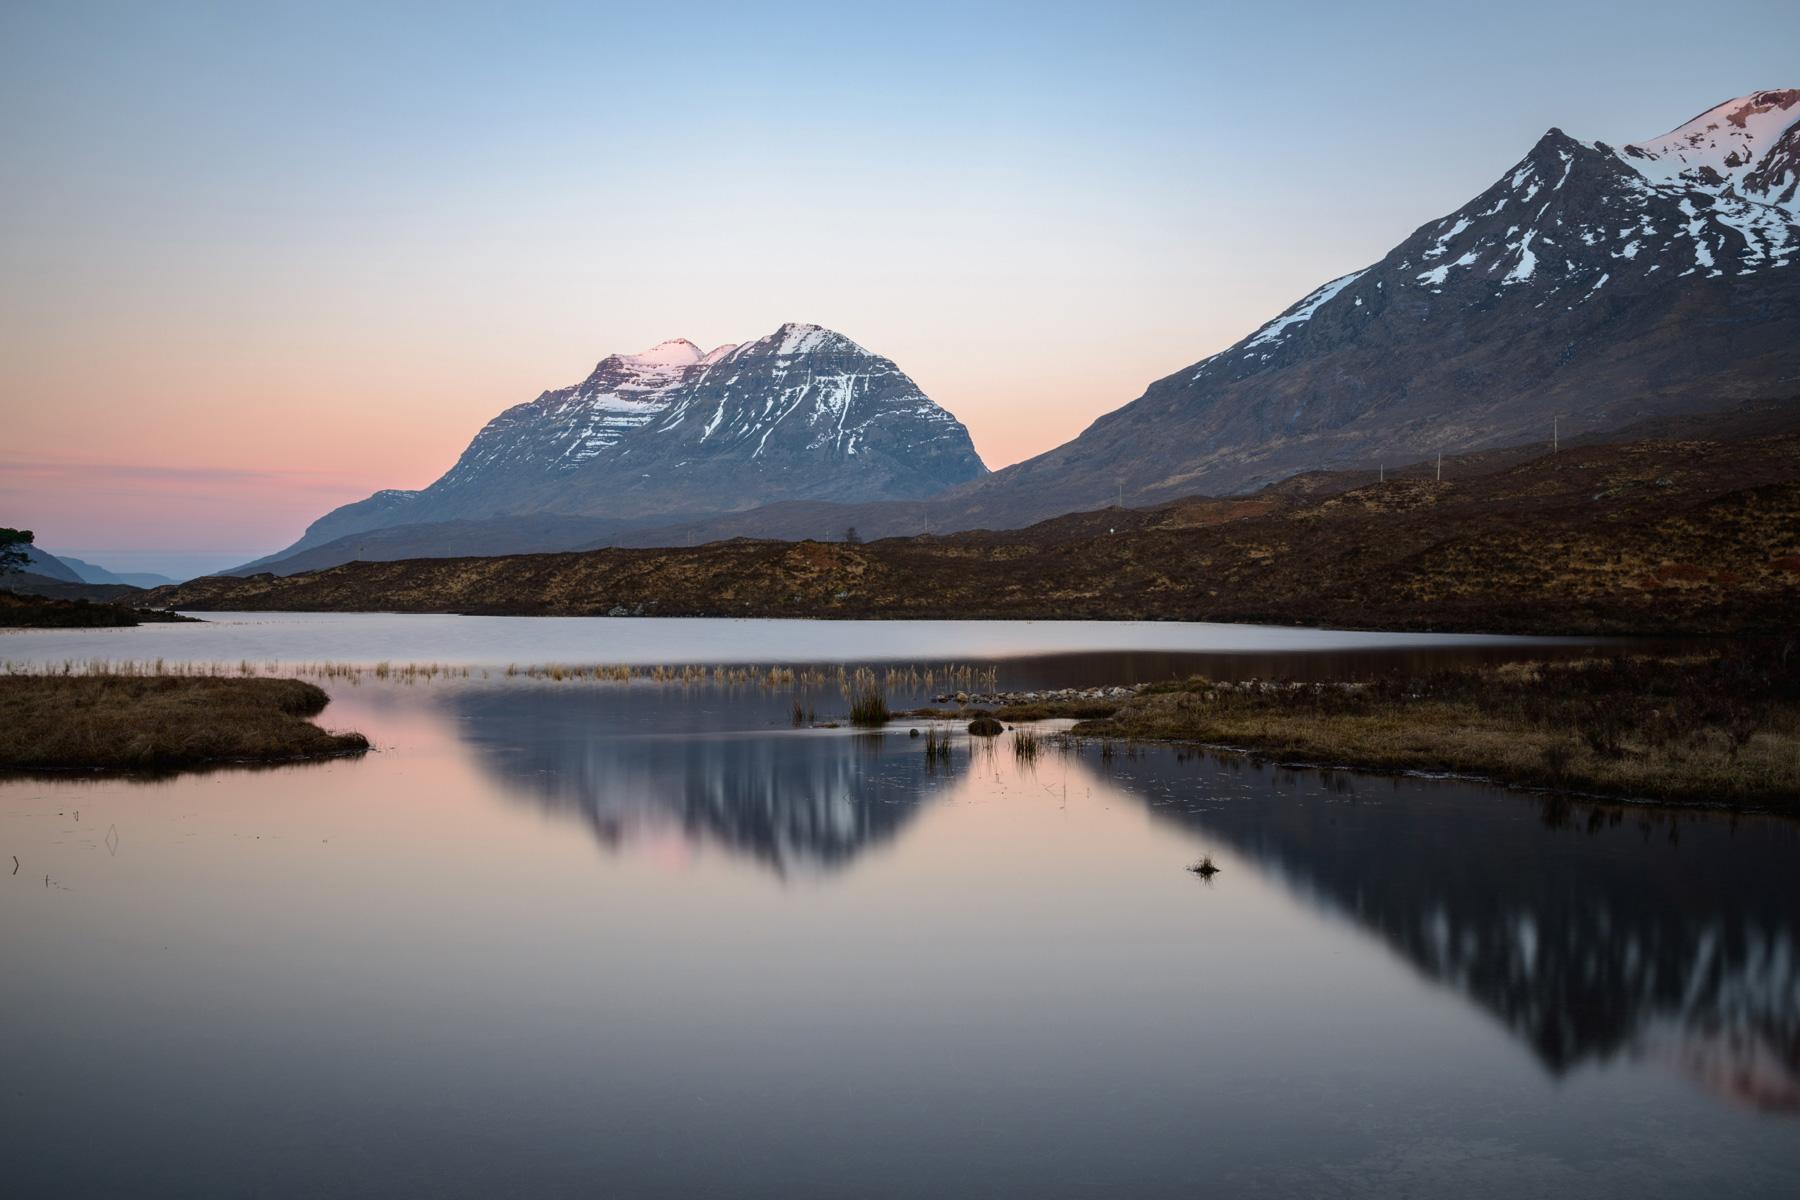 Morgenröte auf Liathach, Torridon, Schottland